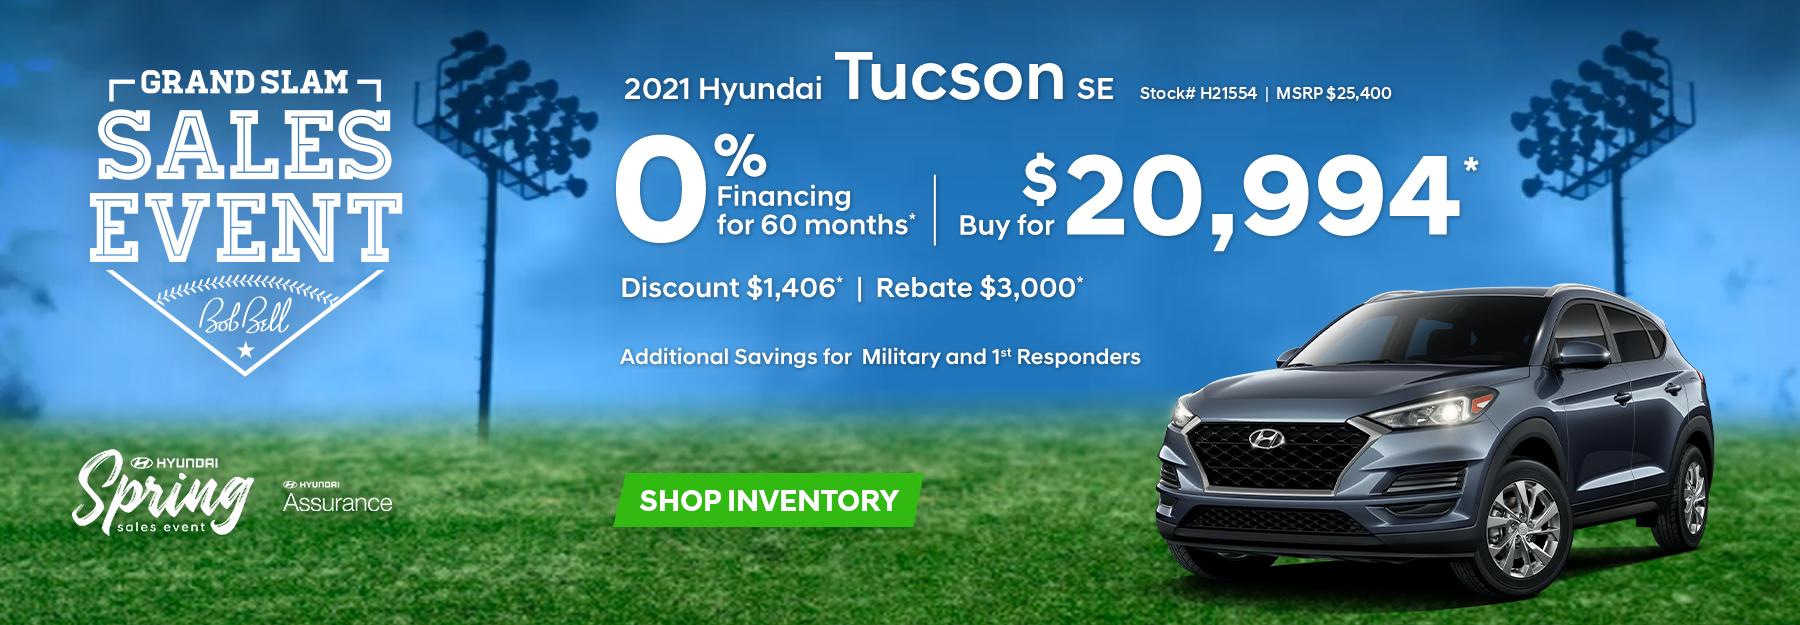 1800x625_Tucson